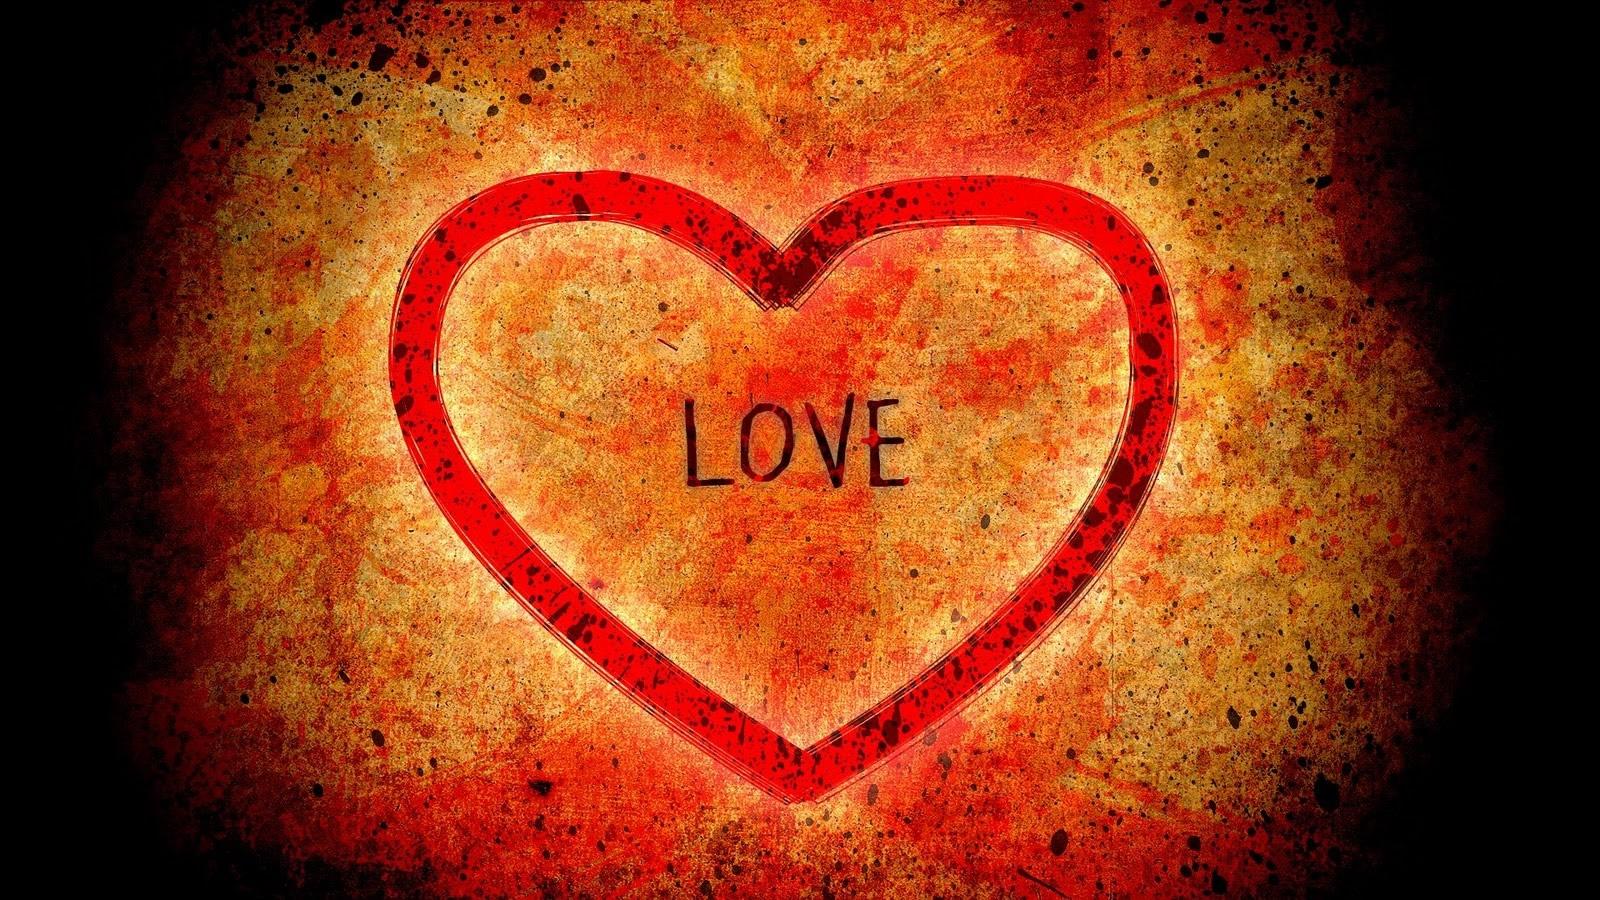 Fondo Grunge de Amor